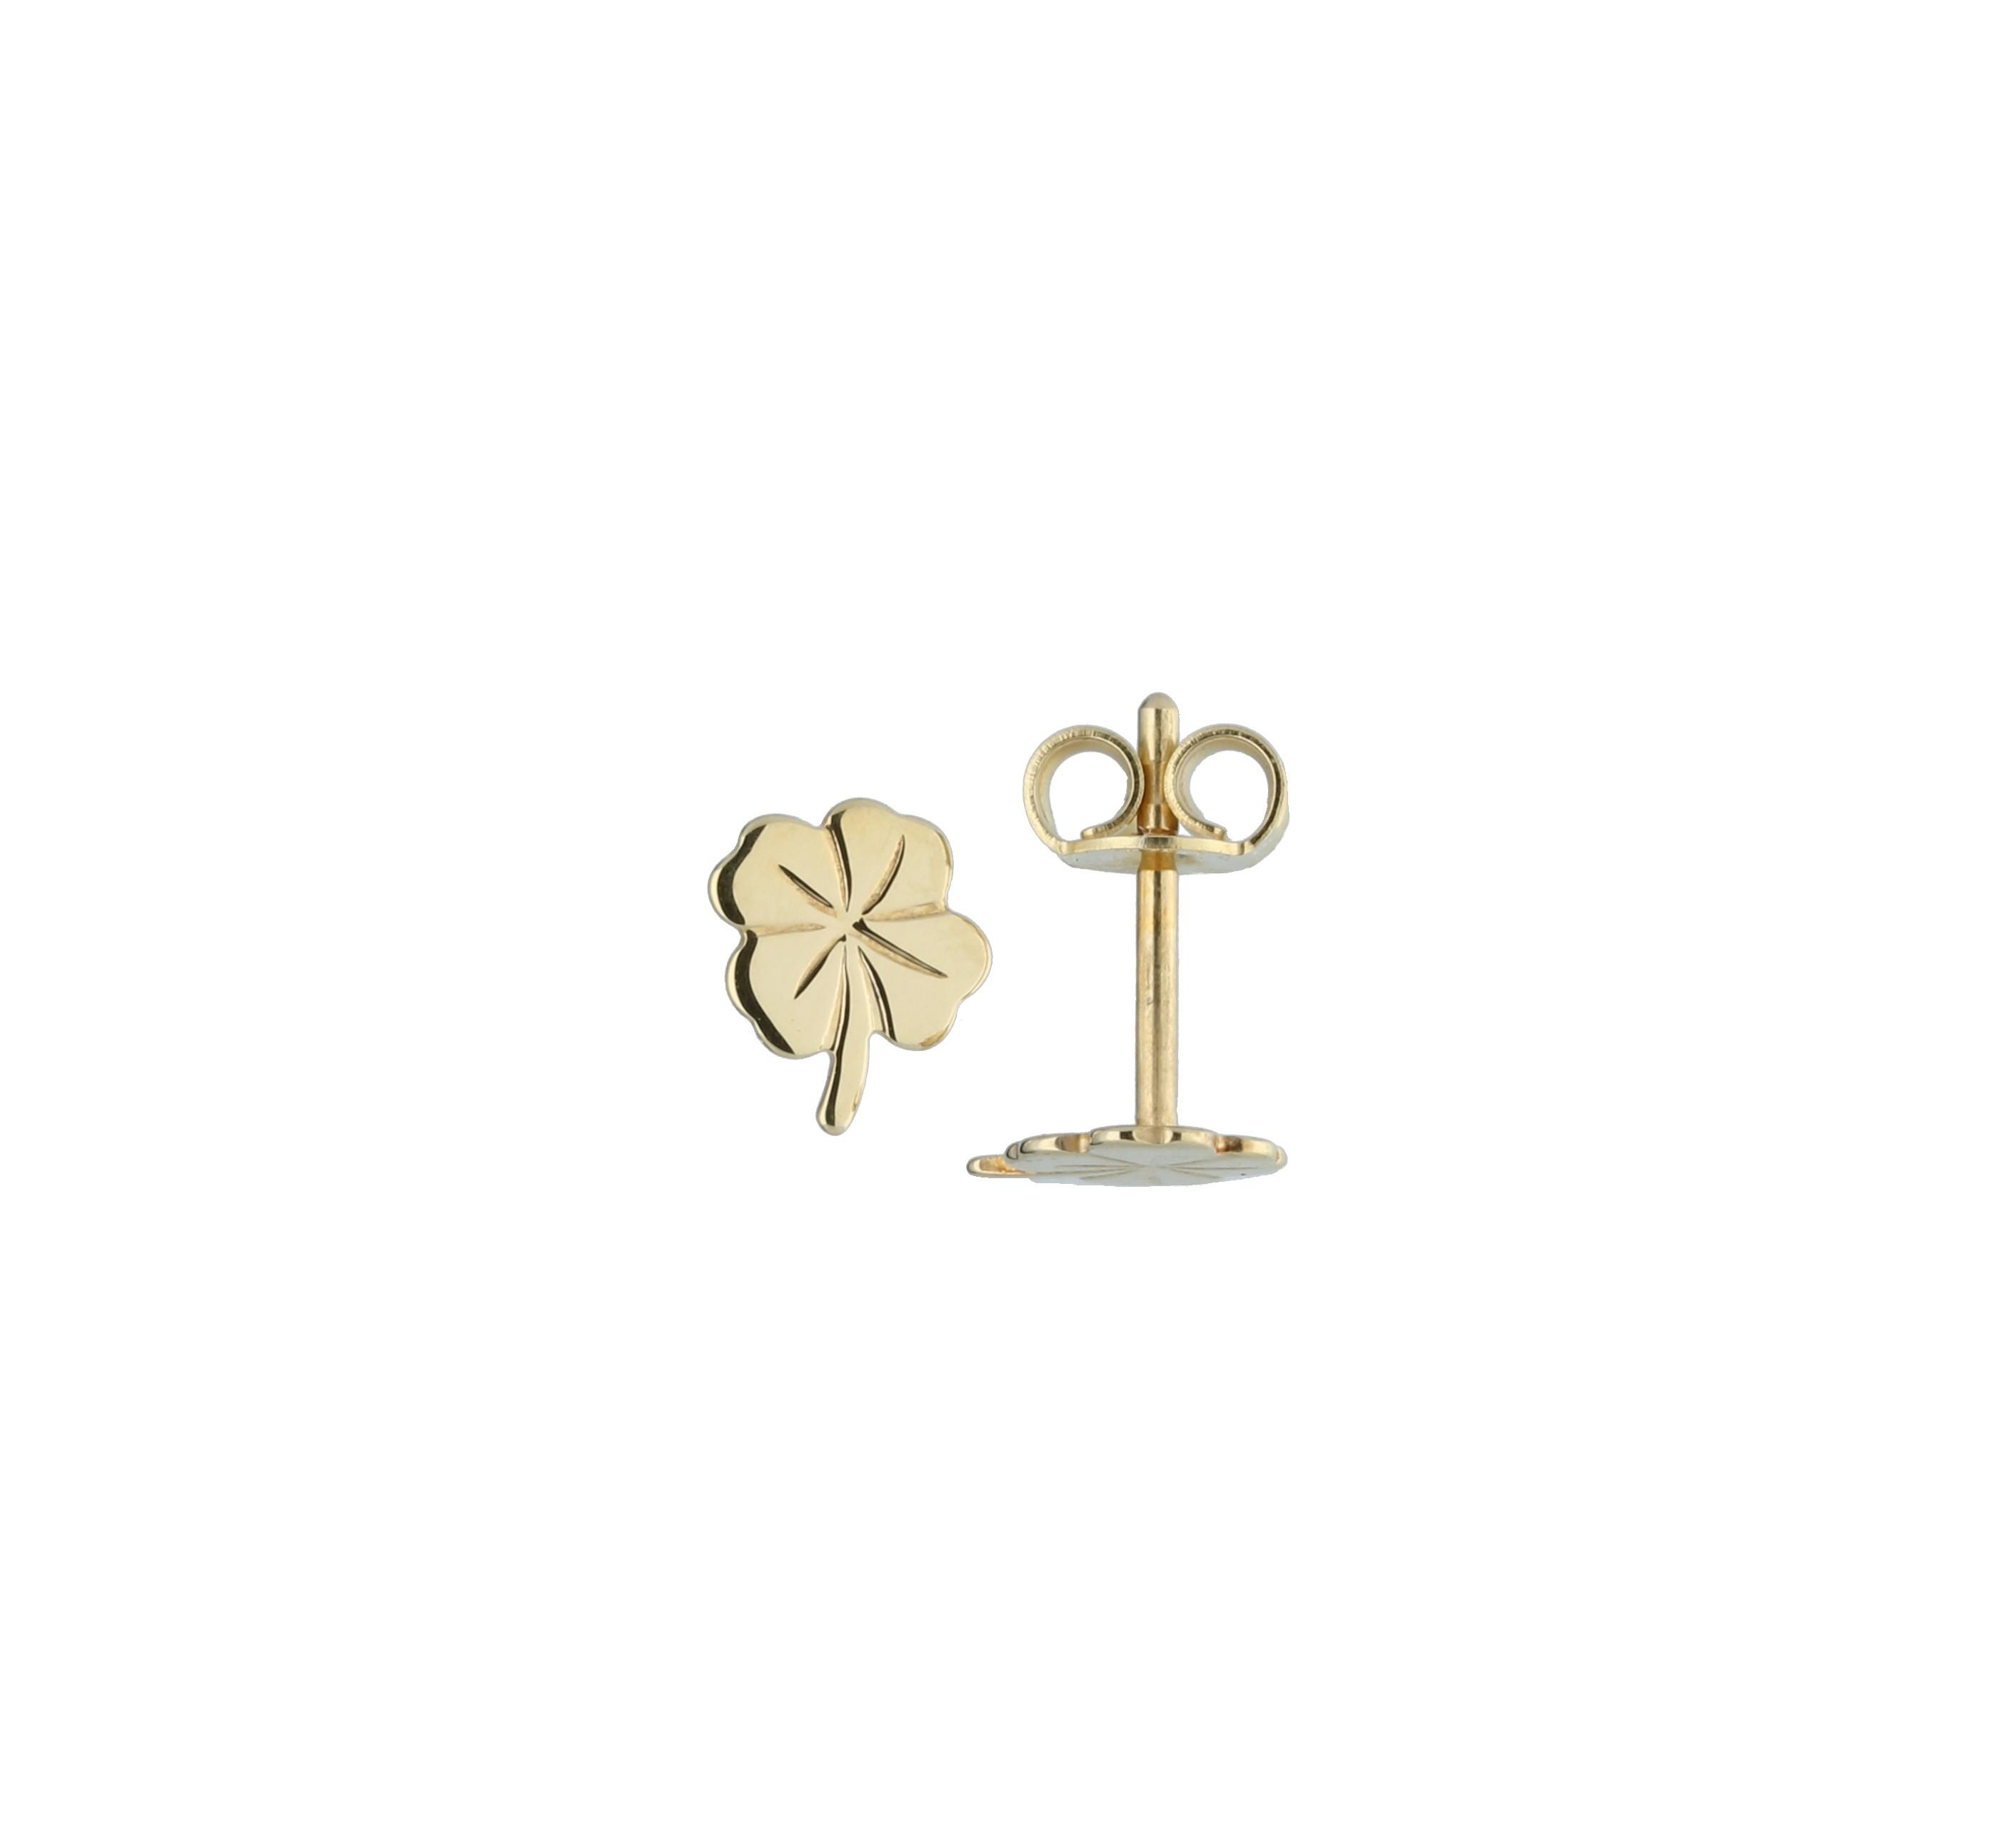 Glow Gouden Kinderoorknopjes - Klaver-4  206.0483.00